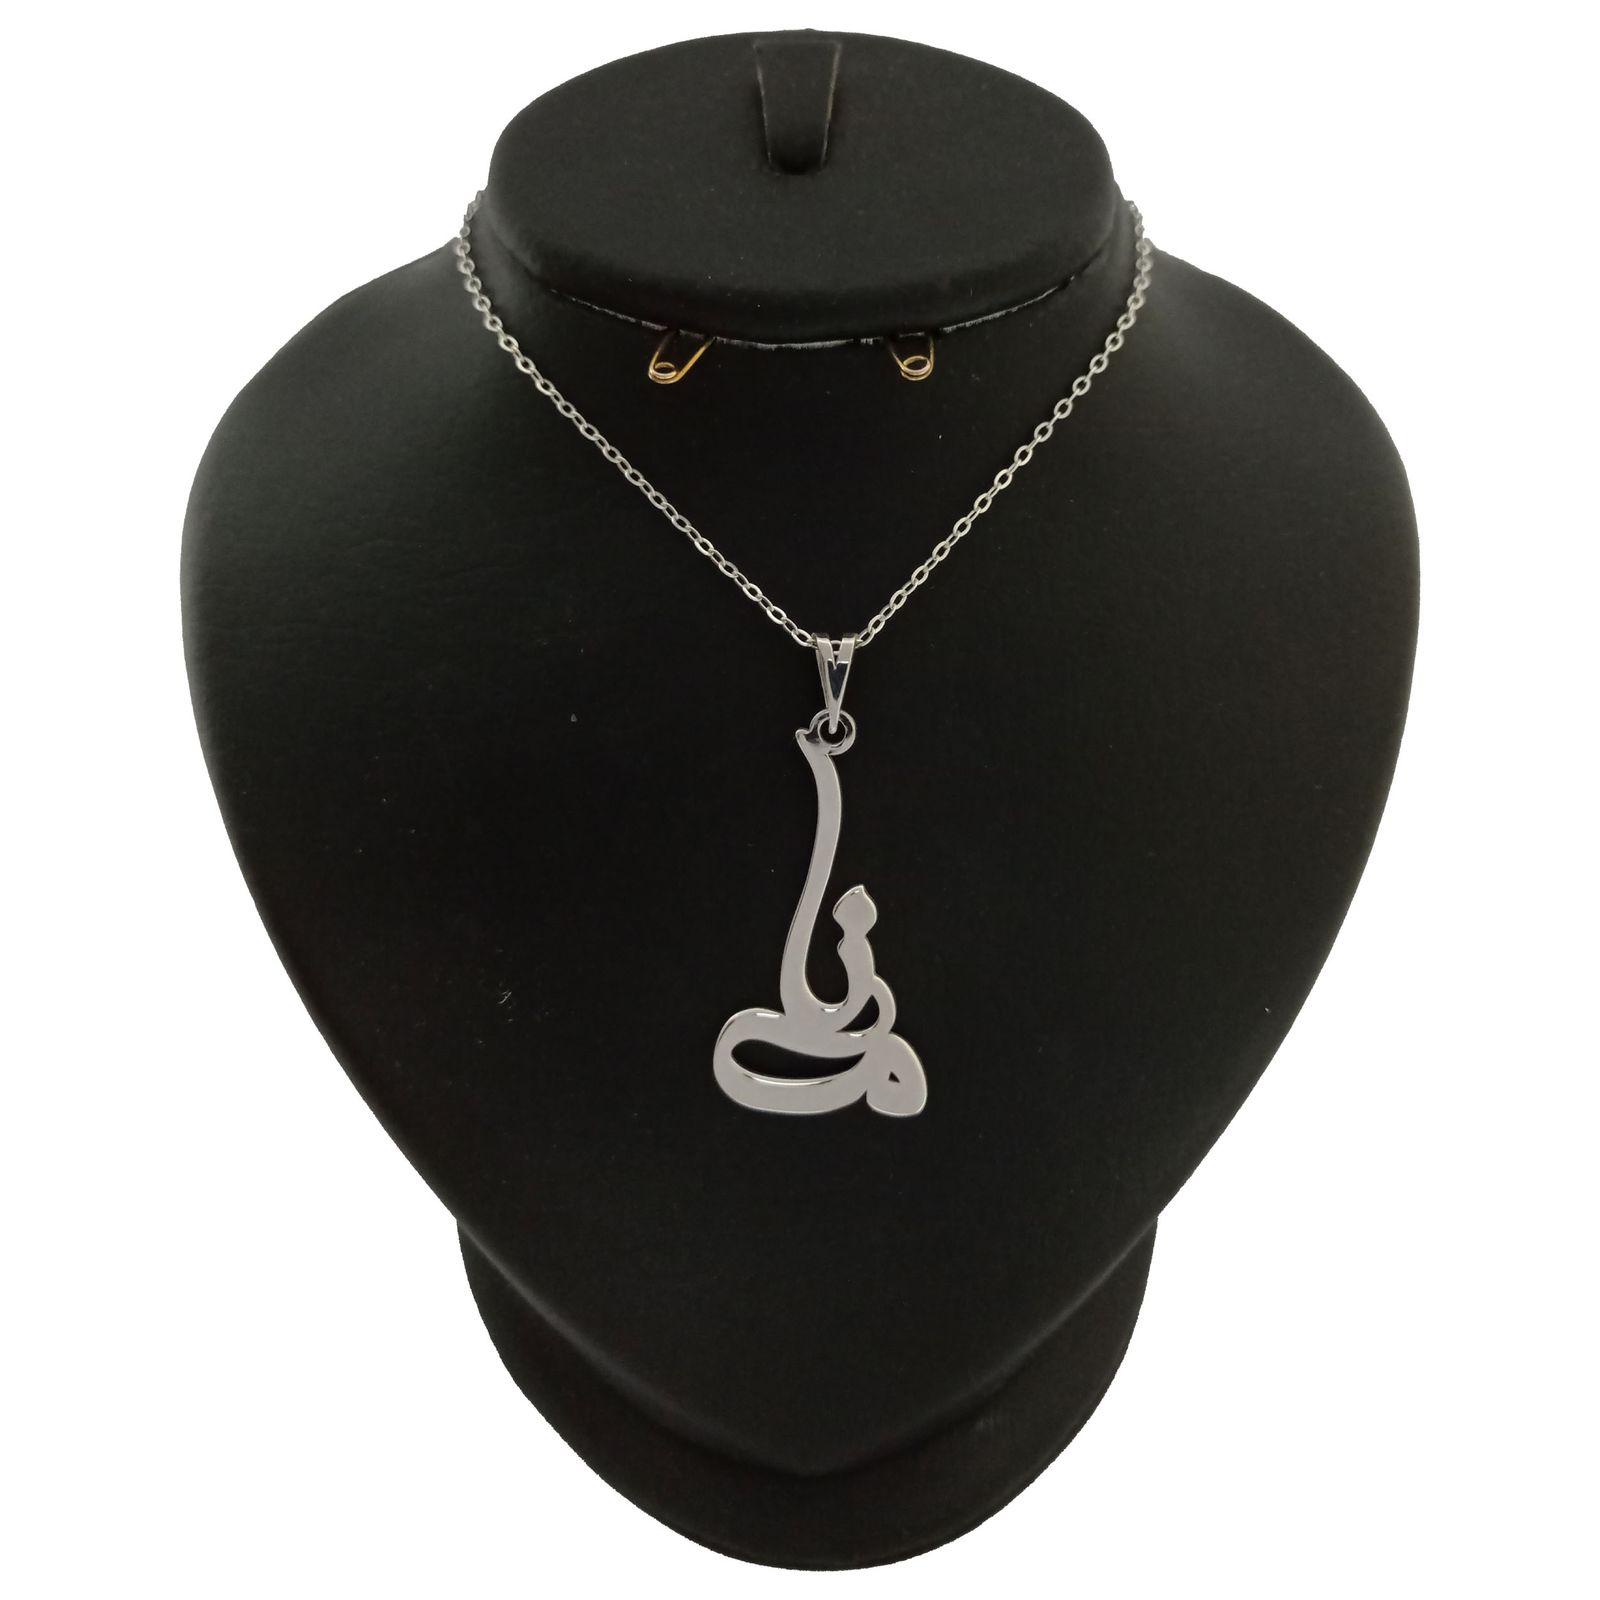 گردنبند نقره زنانه ترمه 1 طرح منا کد mas 0035 -  - 2